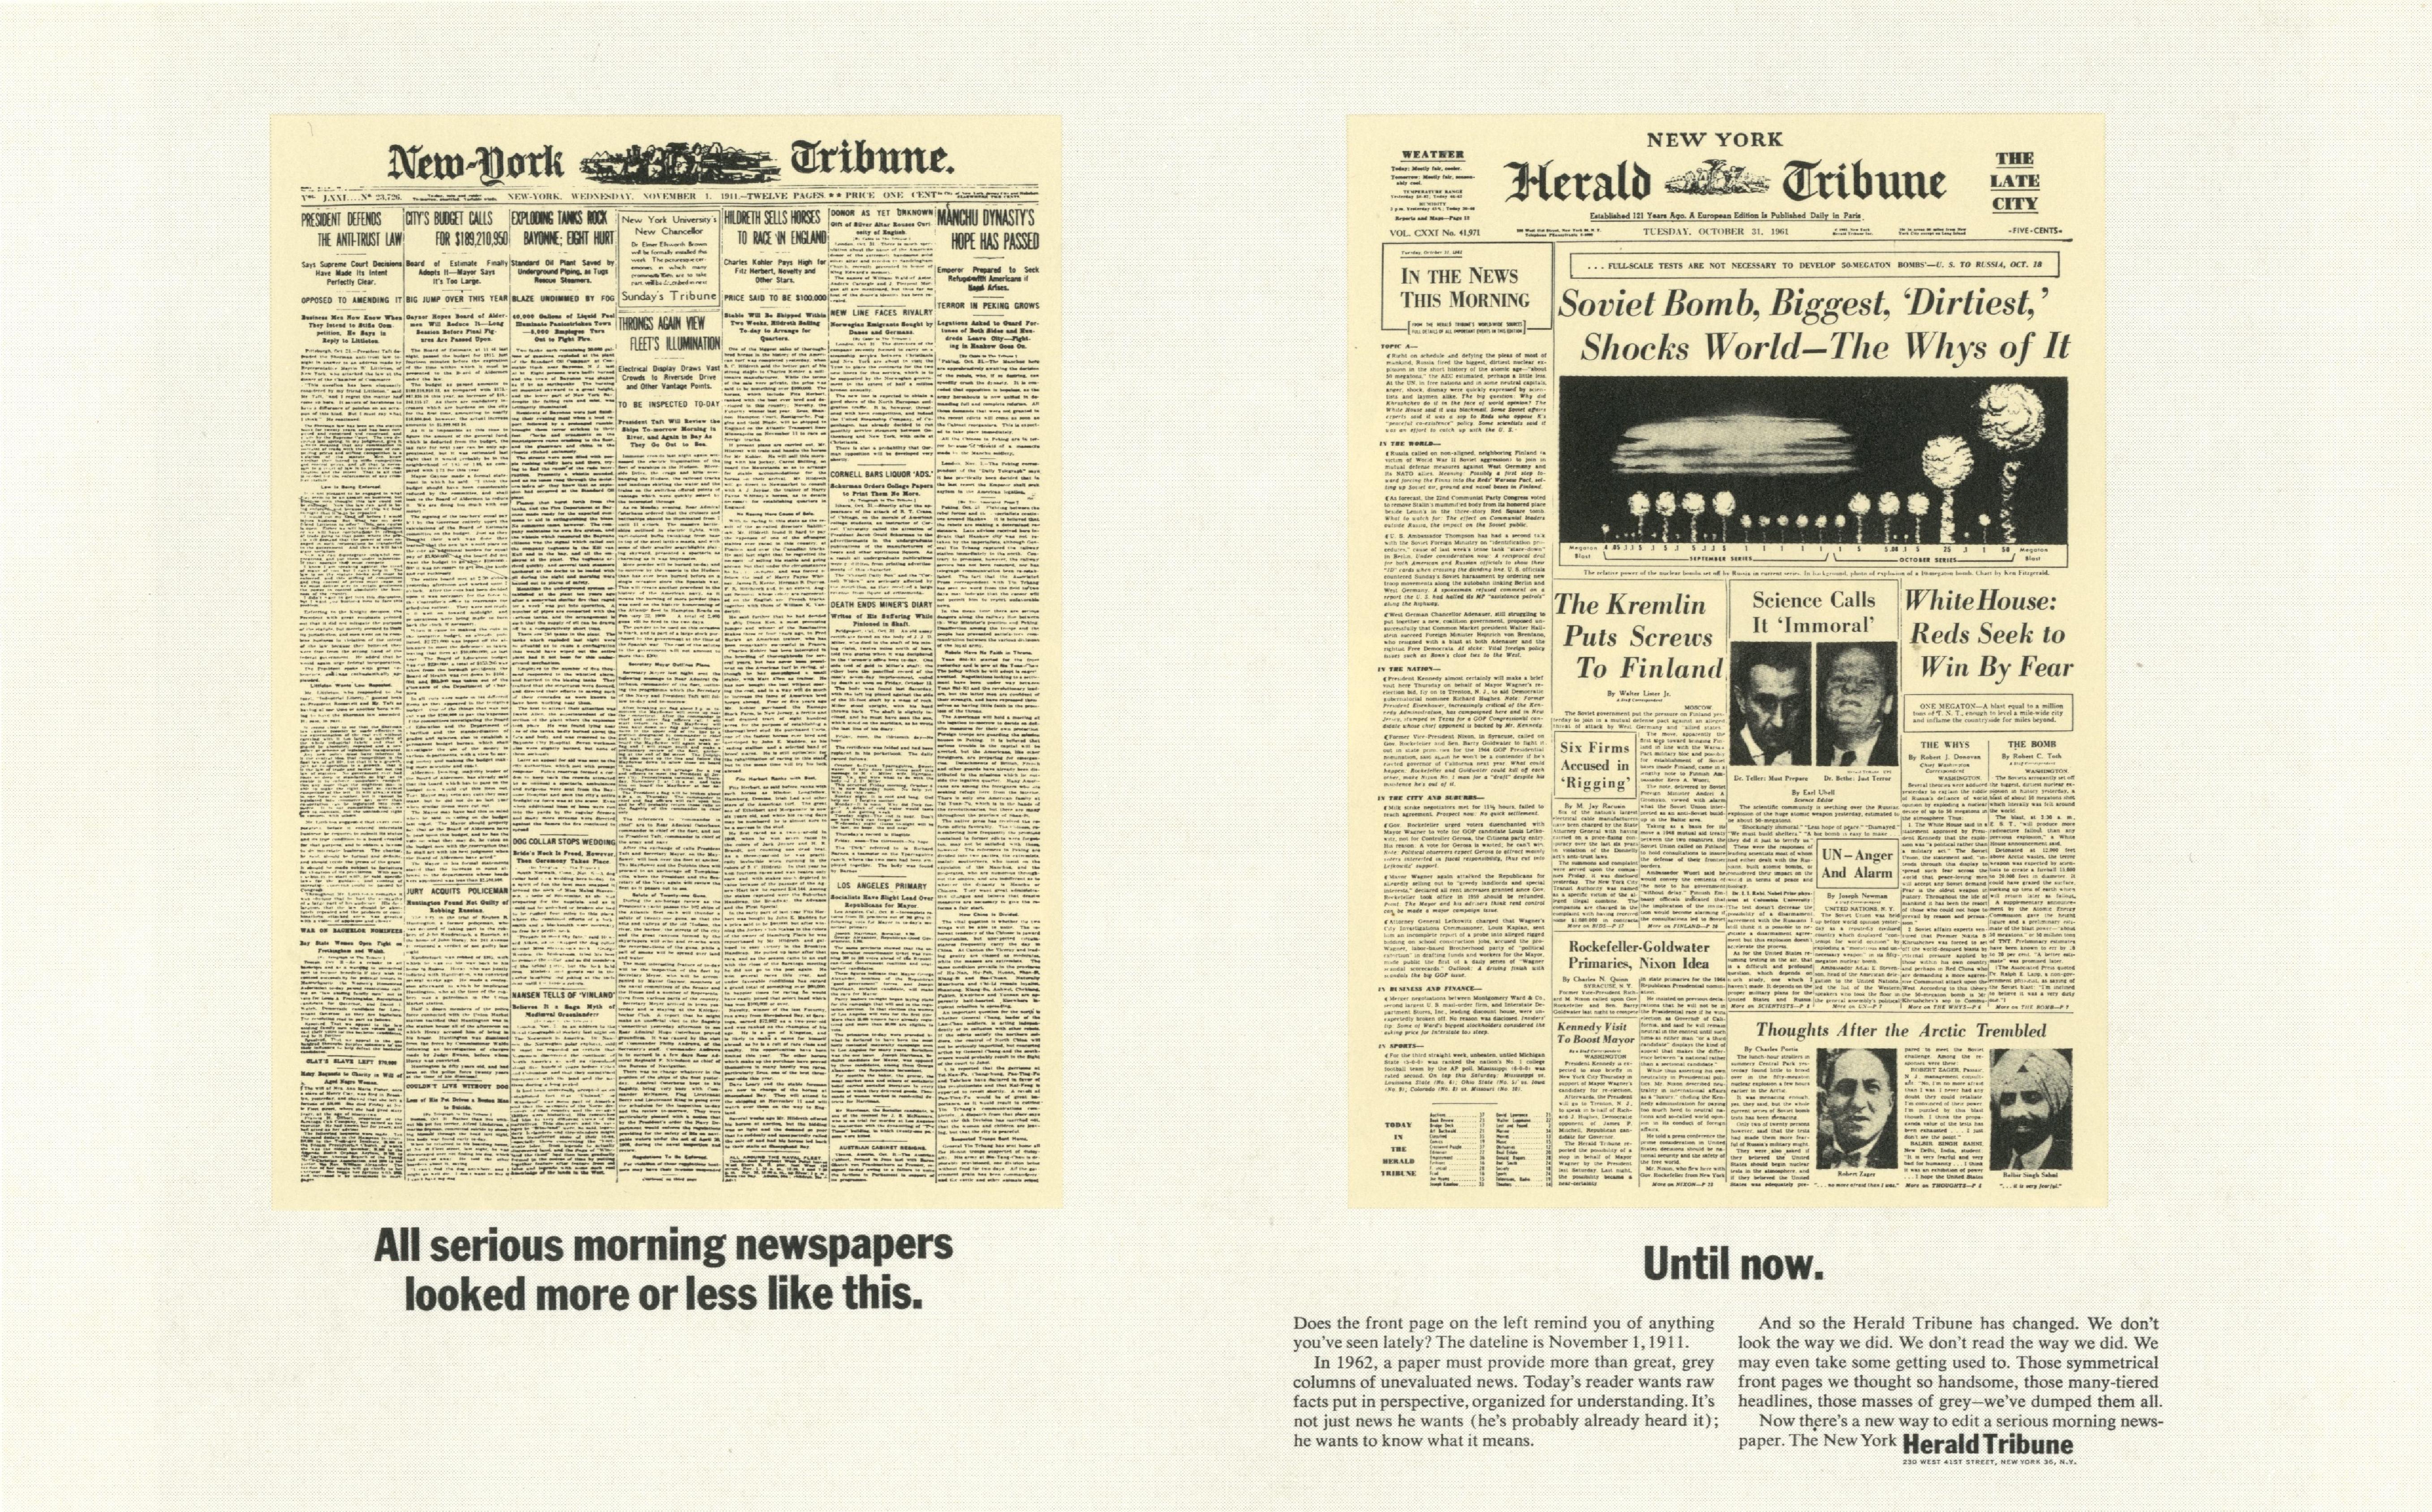 PKL2; Herald Tribune 'Serious'-01